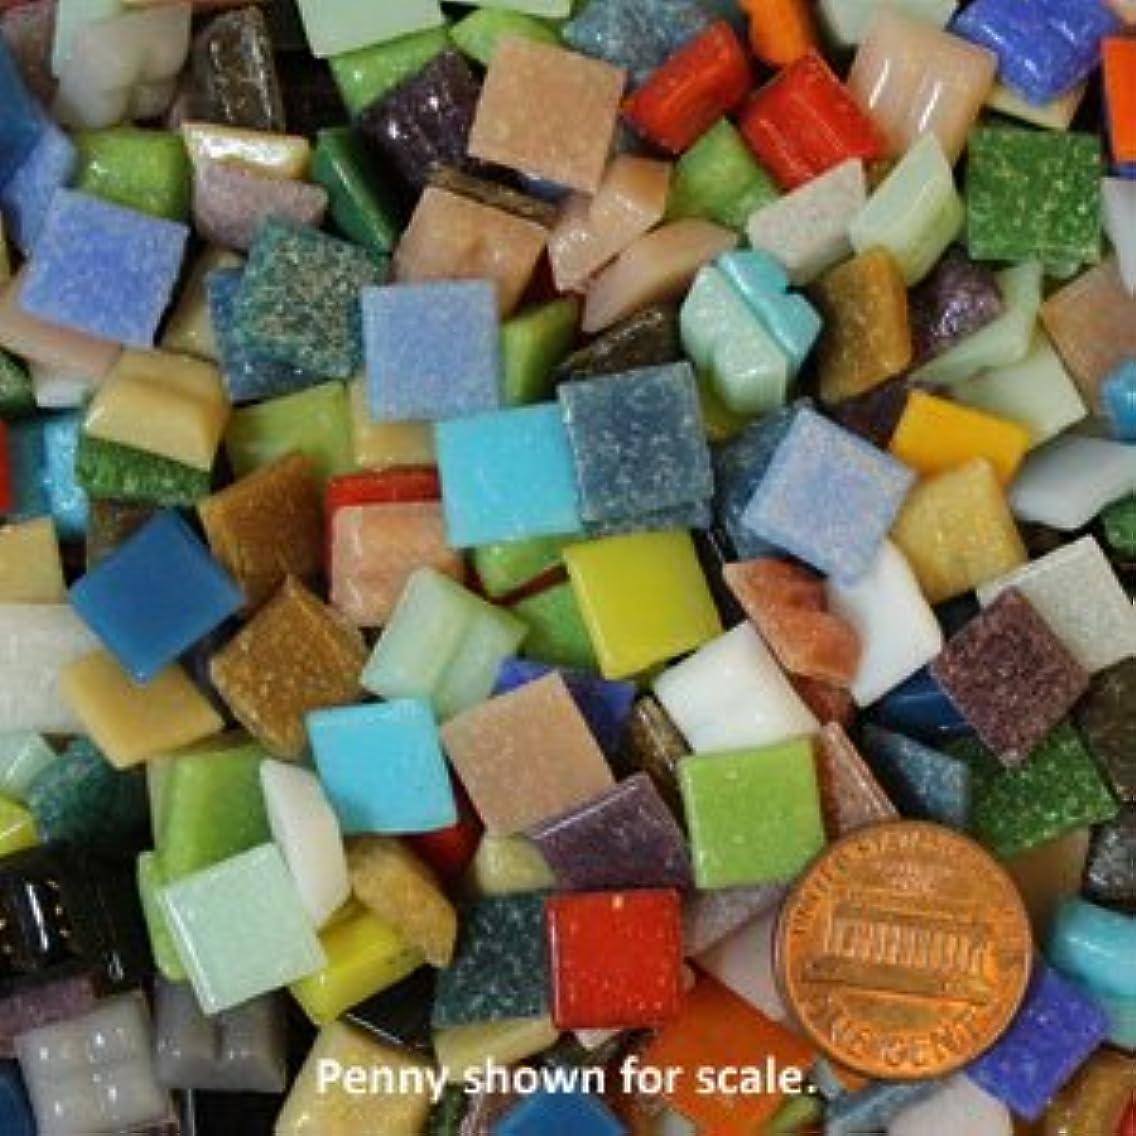 Rainbow Mix Mini Glass Mosaic Tiles 1 Pound